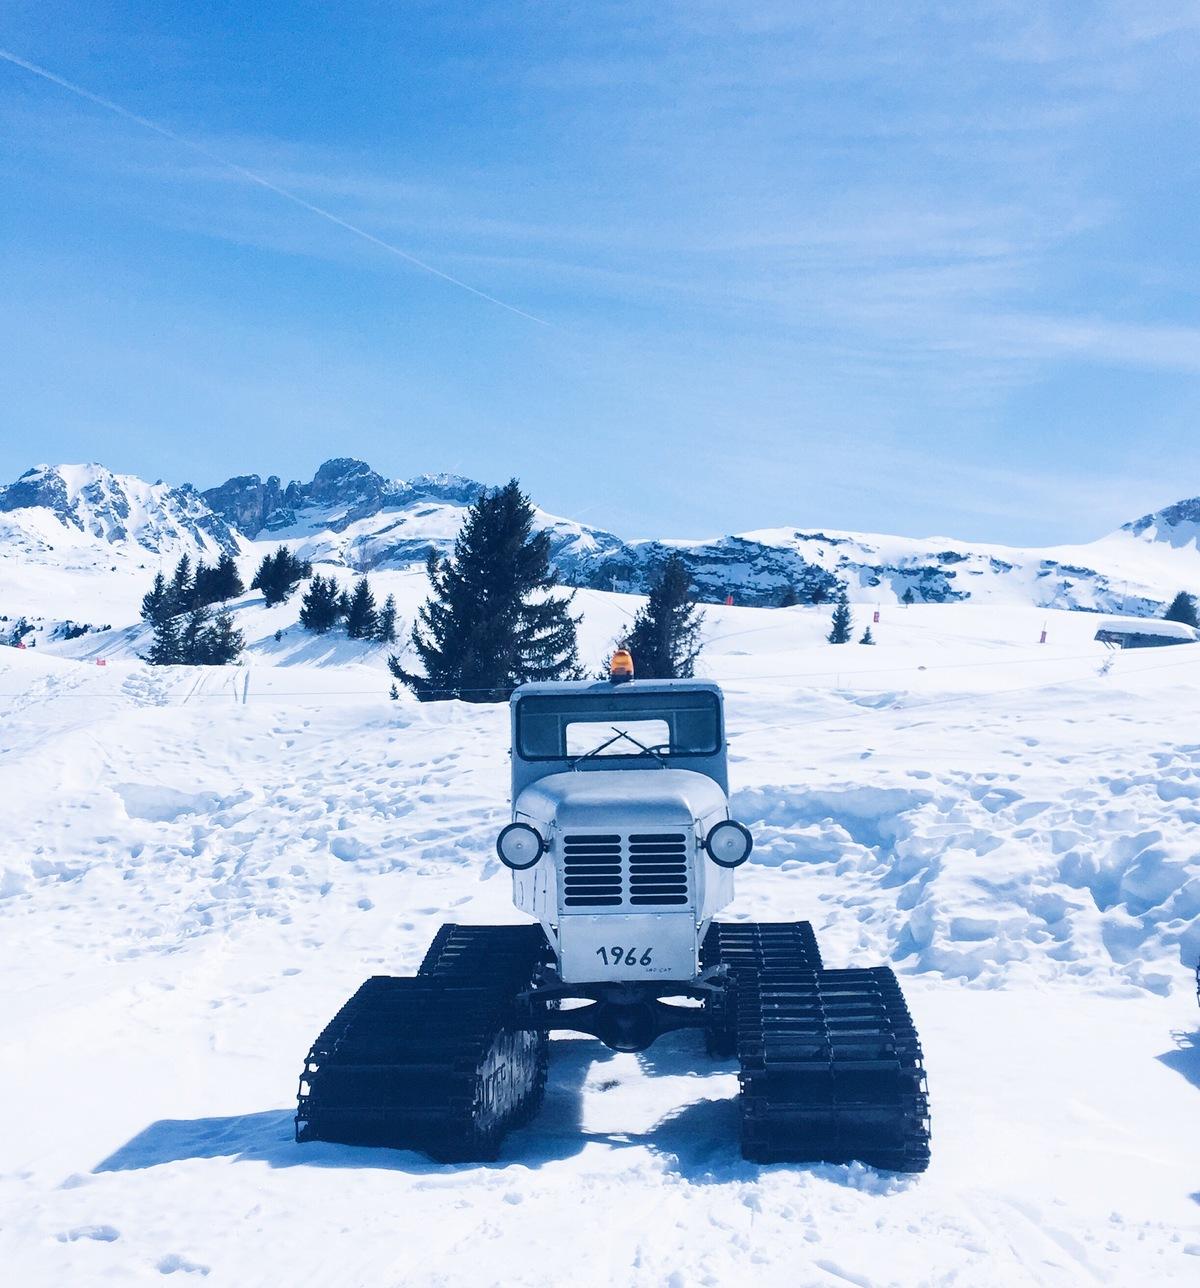 meribel old ski cat